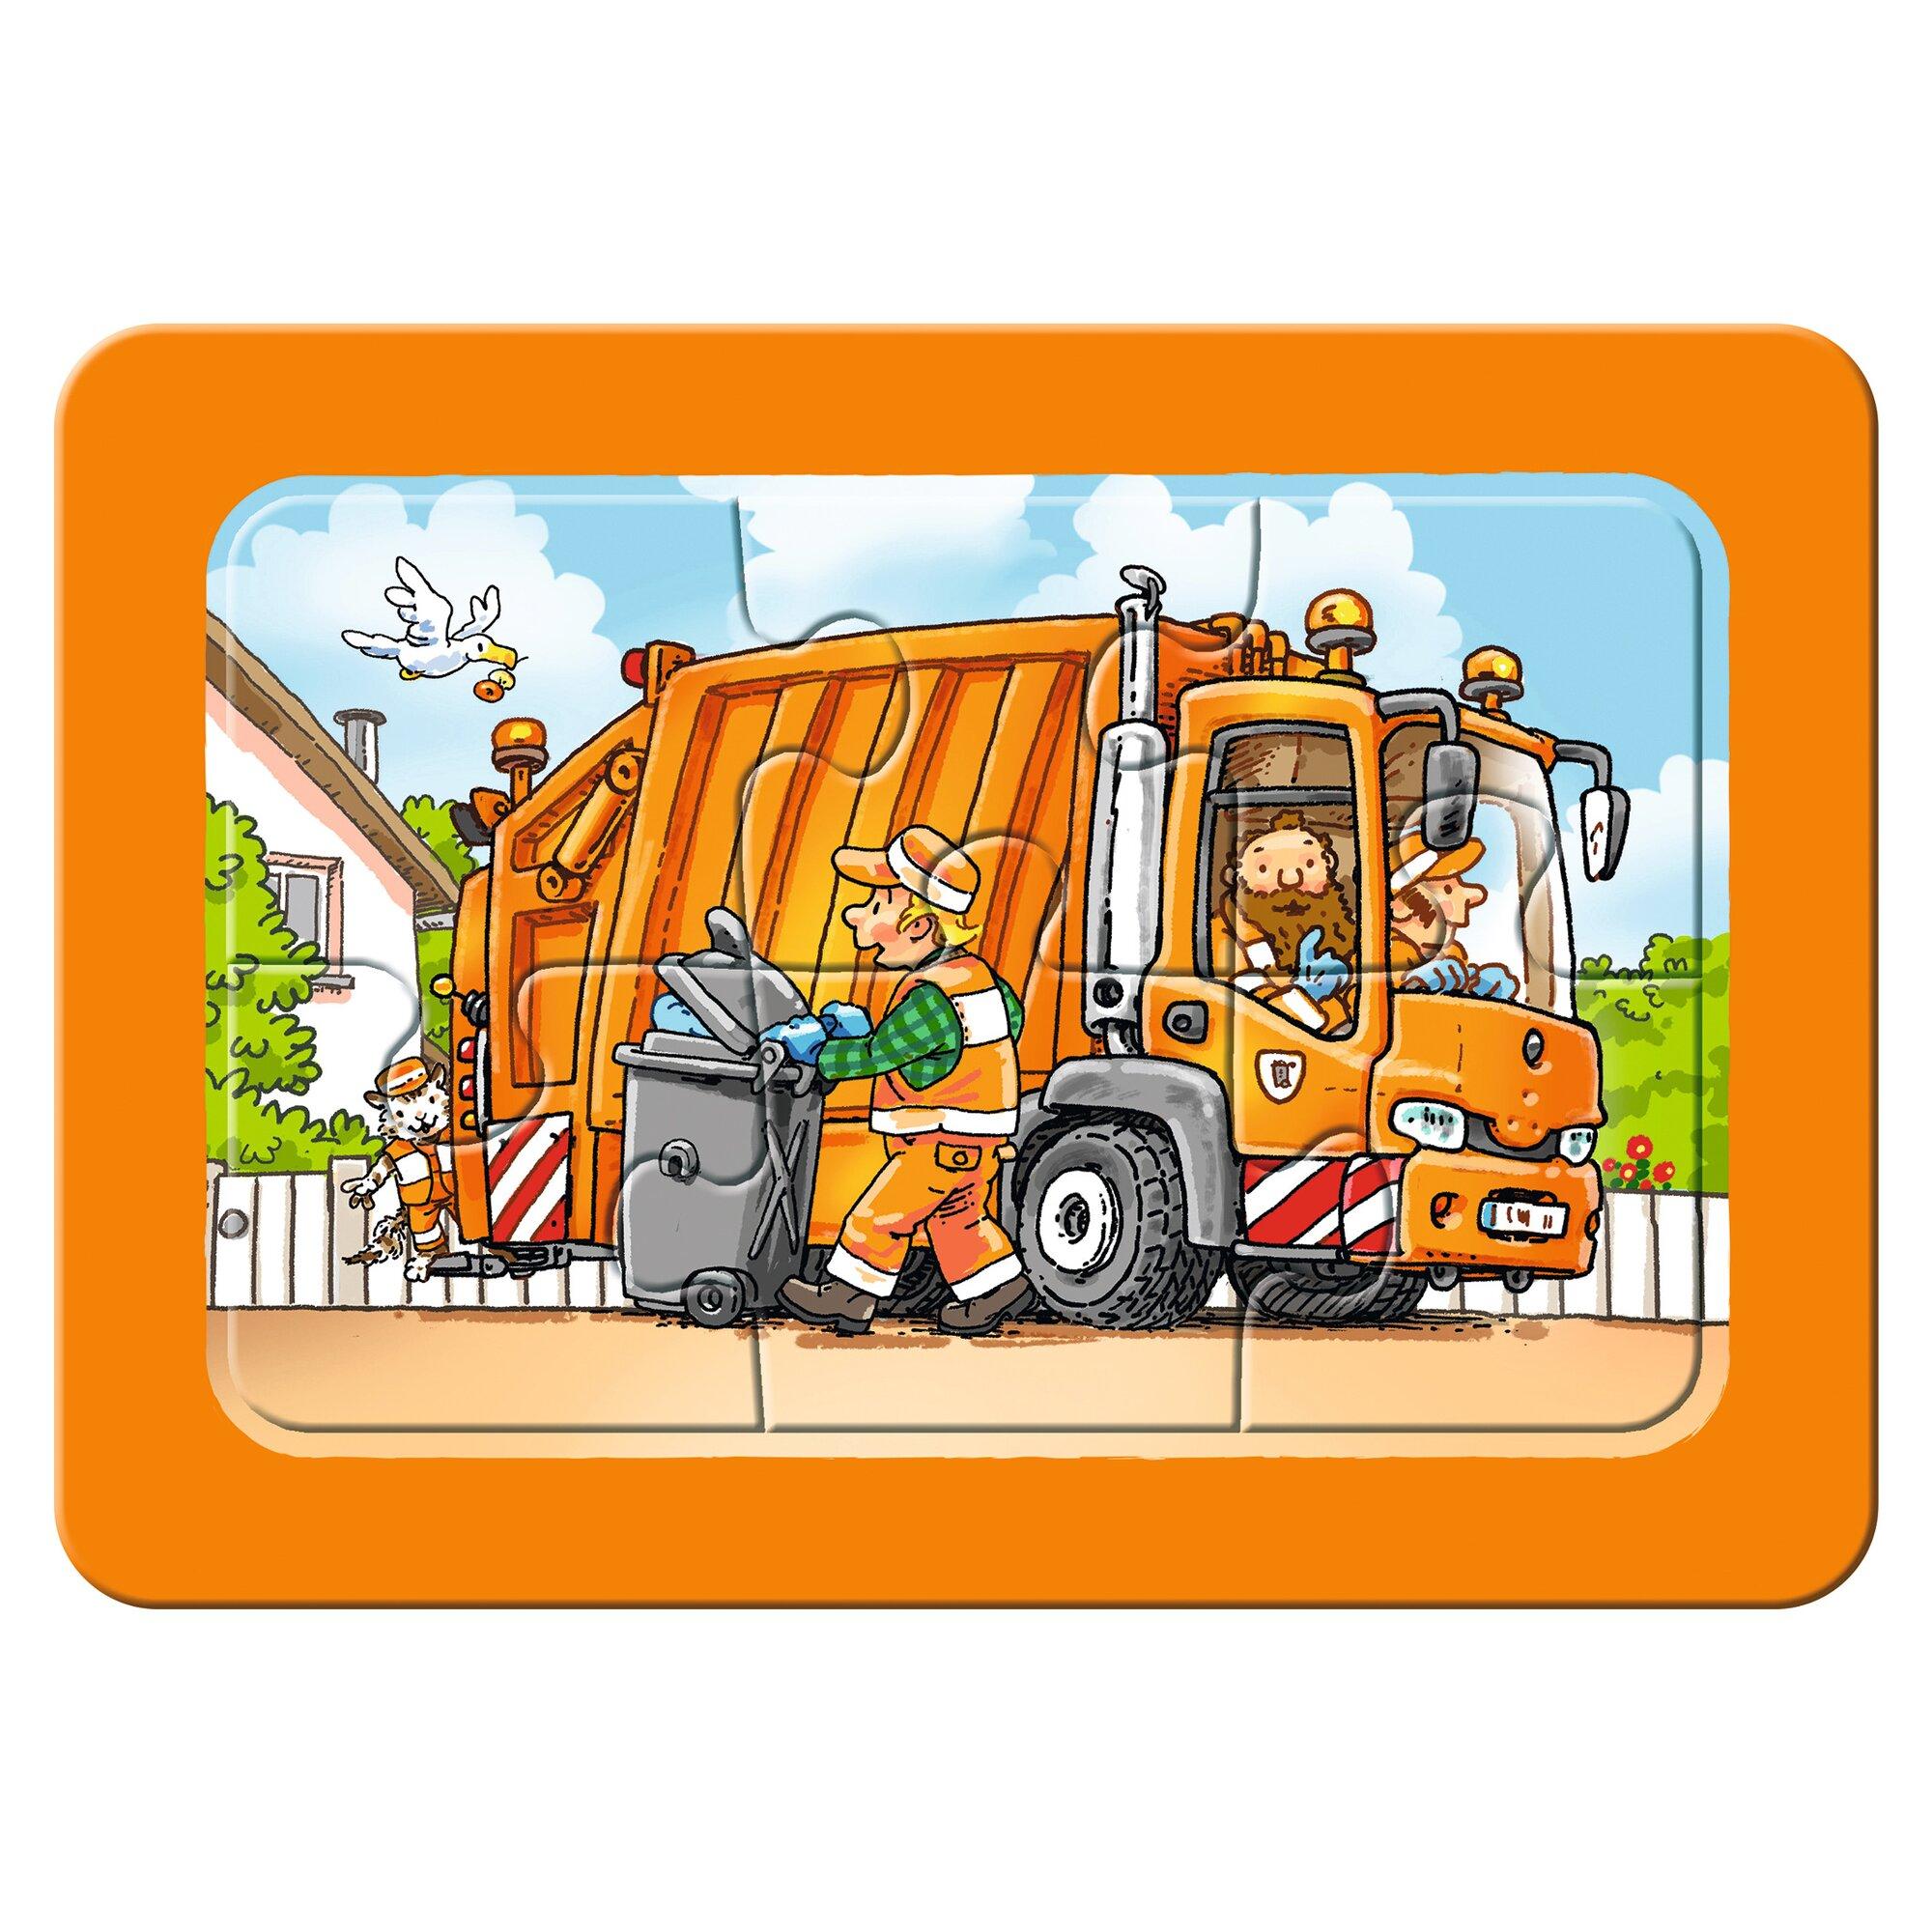 ravensburger-my-first-puzzles-3x6-6-teile-mullabfuhr-krankenwagen-abschleppwagen, 9.99 EUR @ babywalz-de